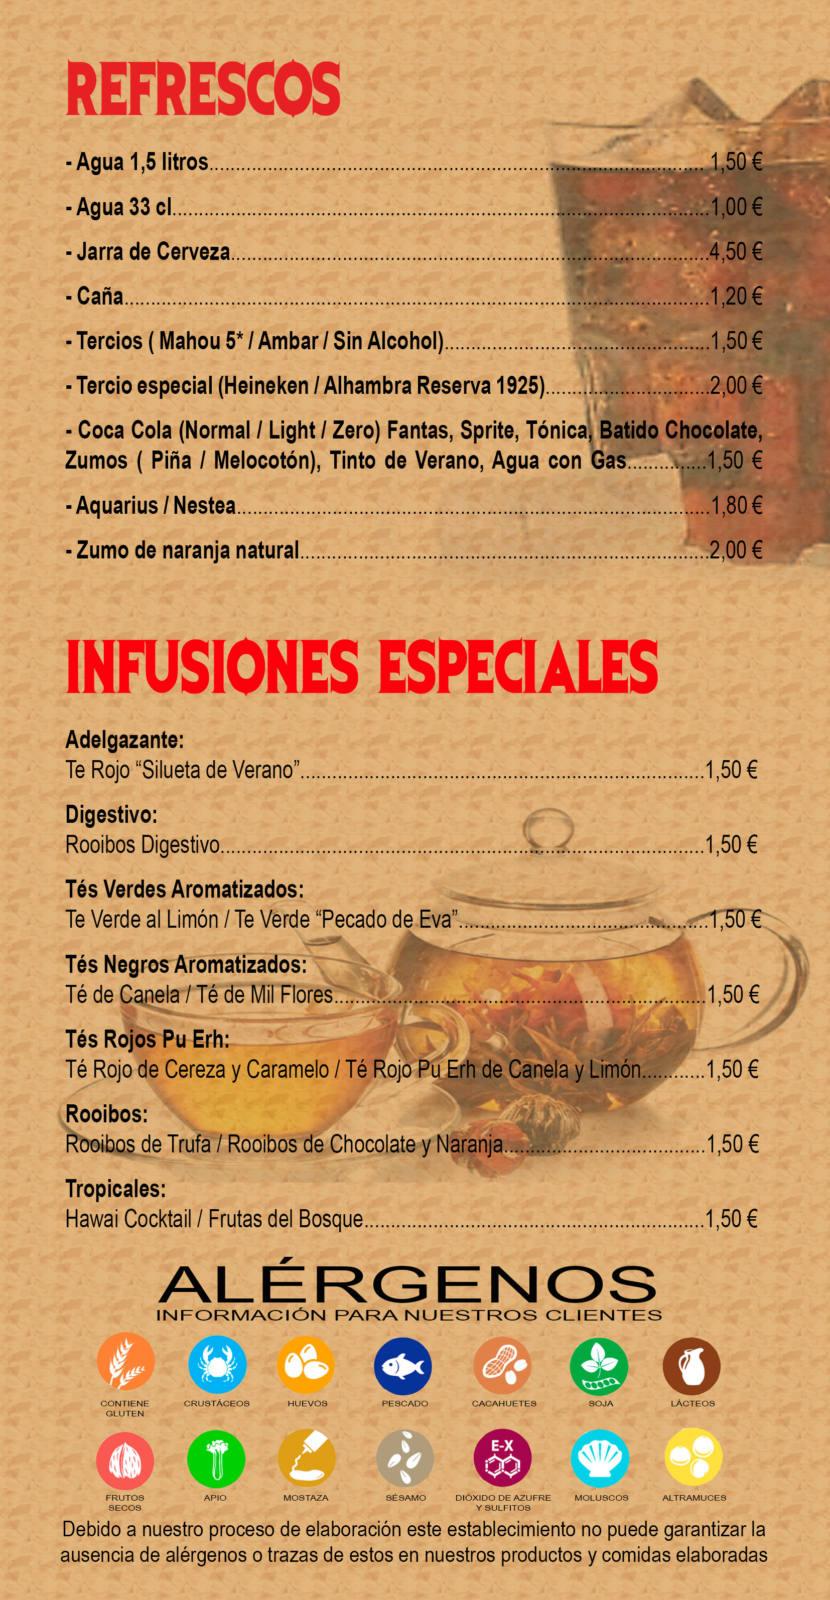 carta de productos - refrescos e infusiones